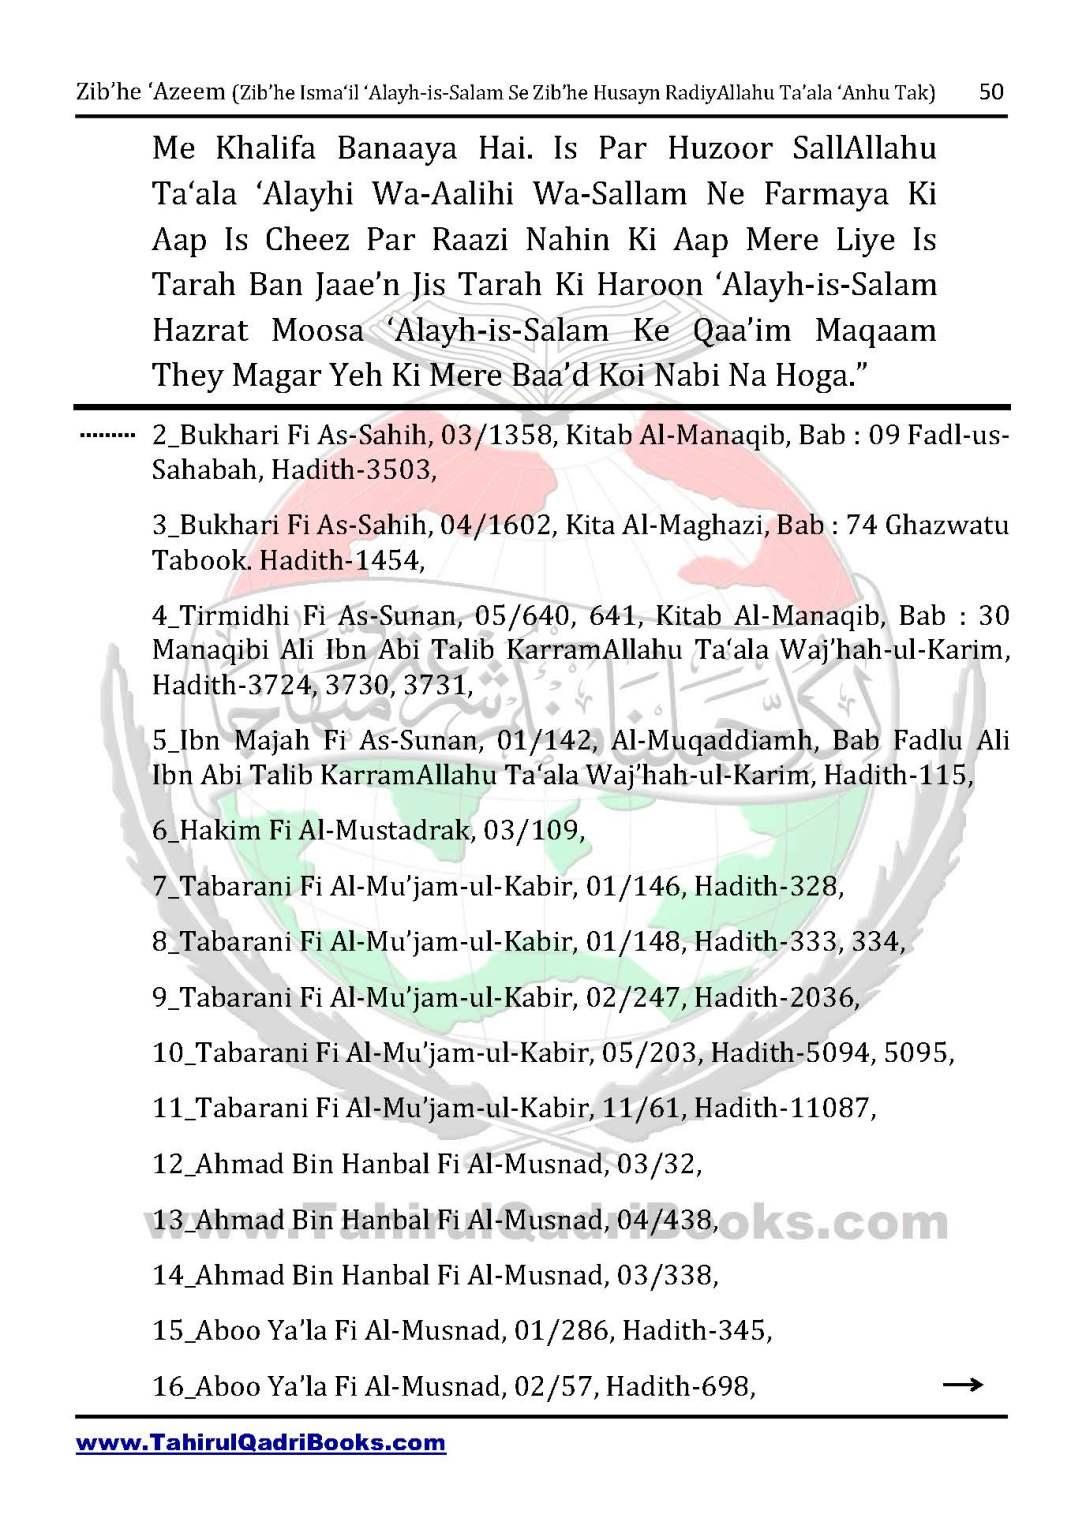 zib_he-e28098azeem-zib_he-ismacabbil-se-zib_he-husayn-tak-in-roman-urdu-unlocked_Page_050